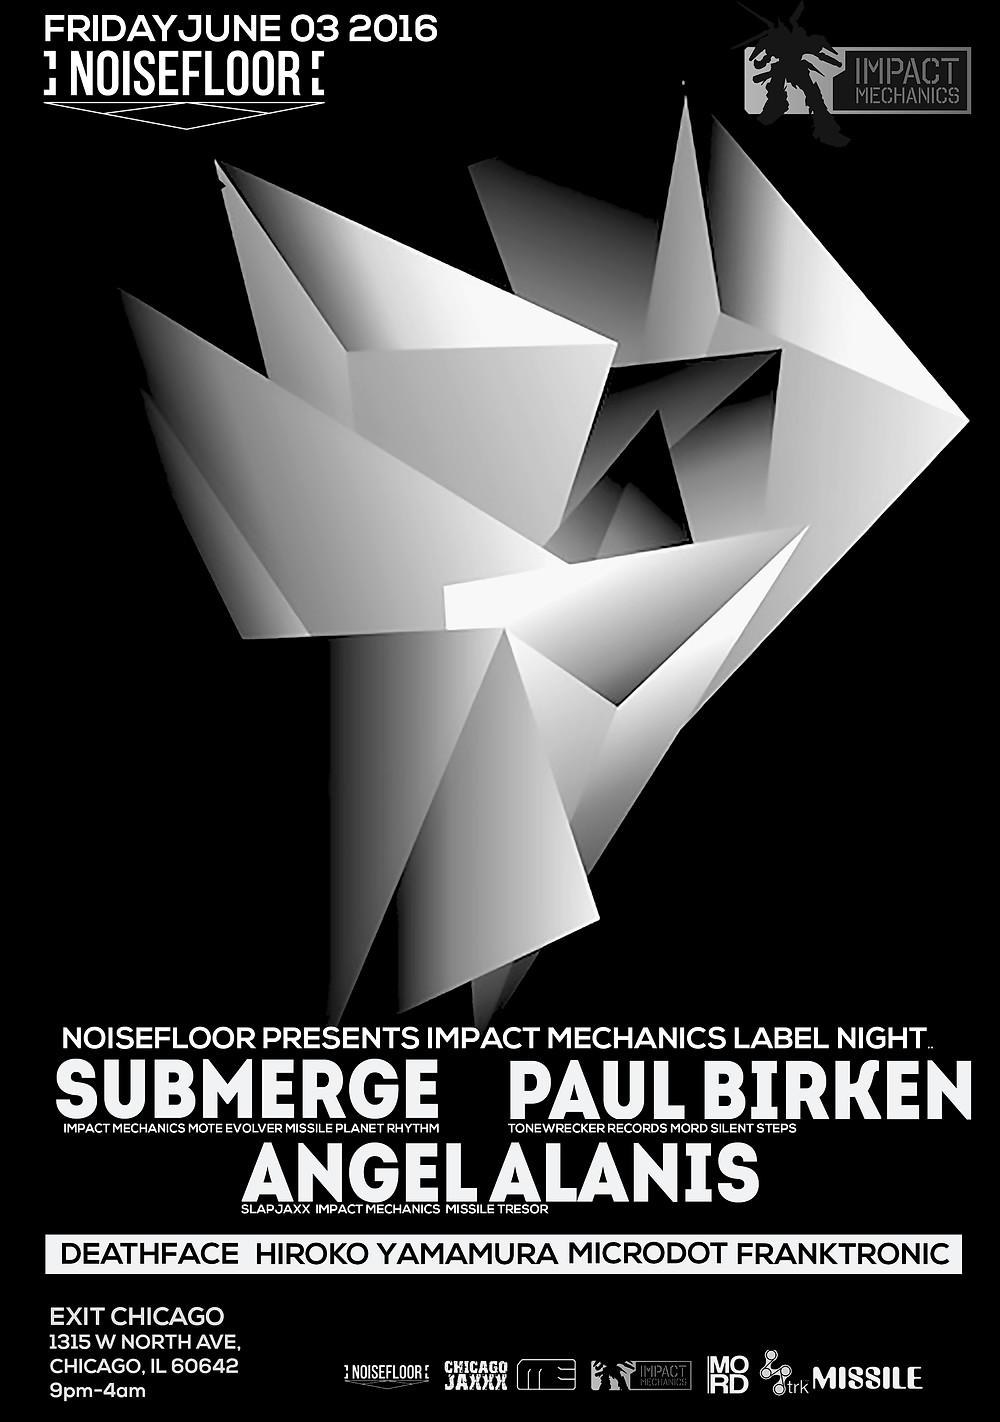 Submerge, Impact Mechanics, Noisefloor, Paul Birken